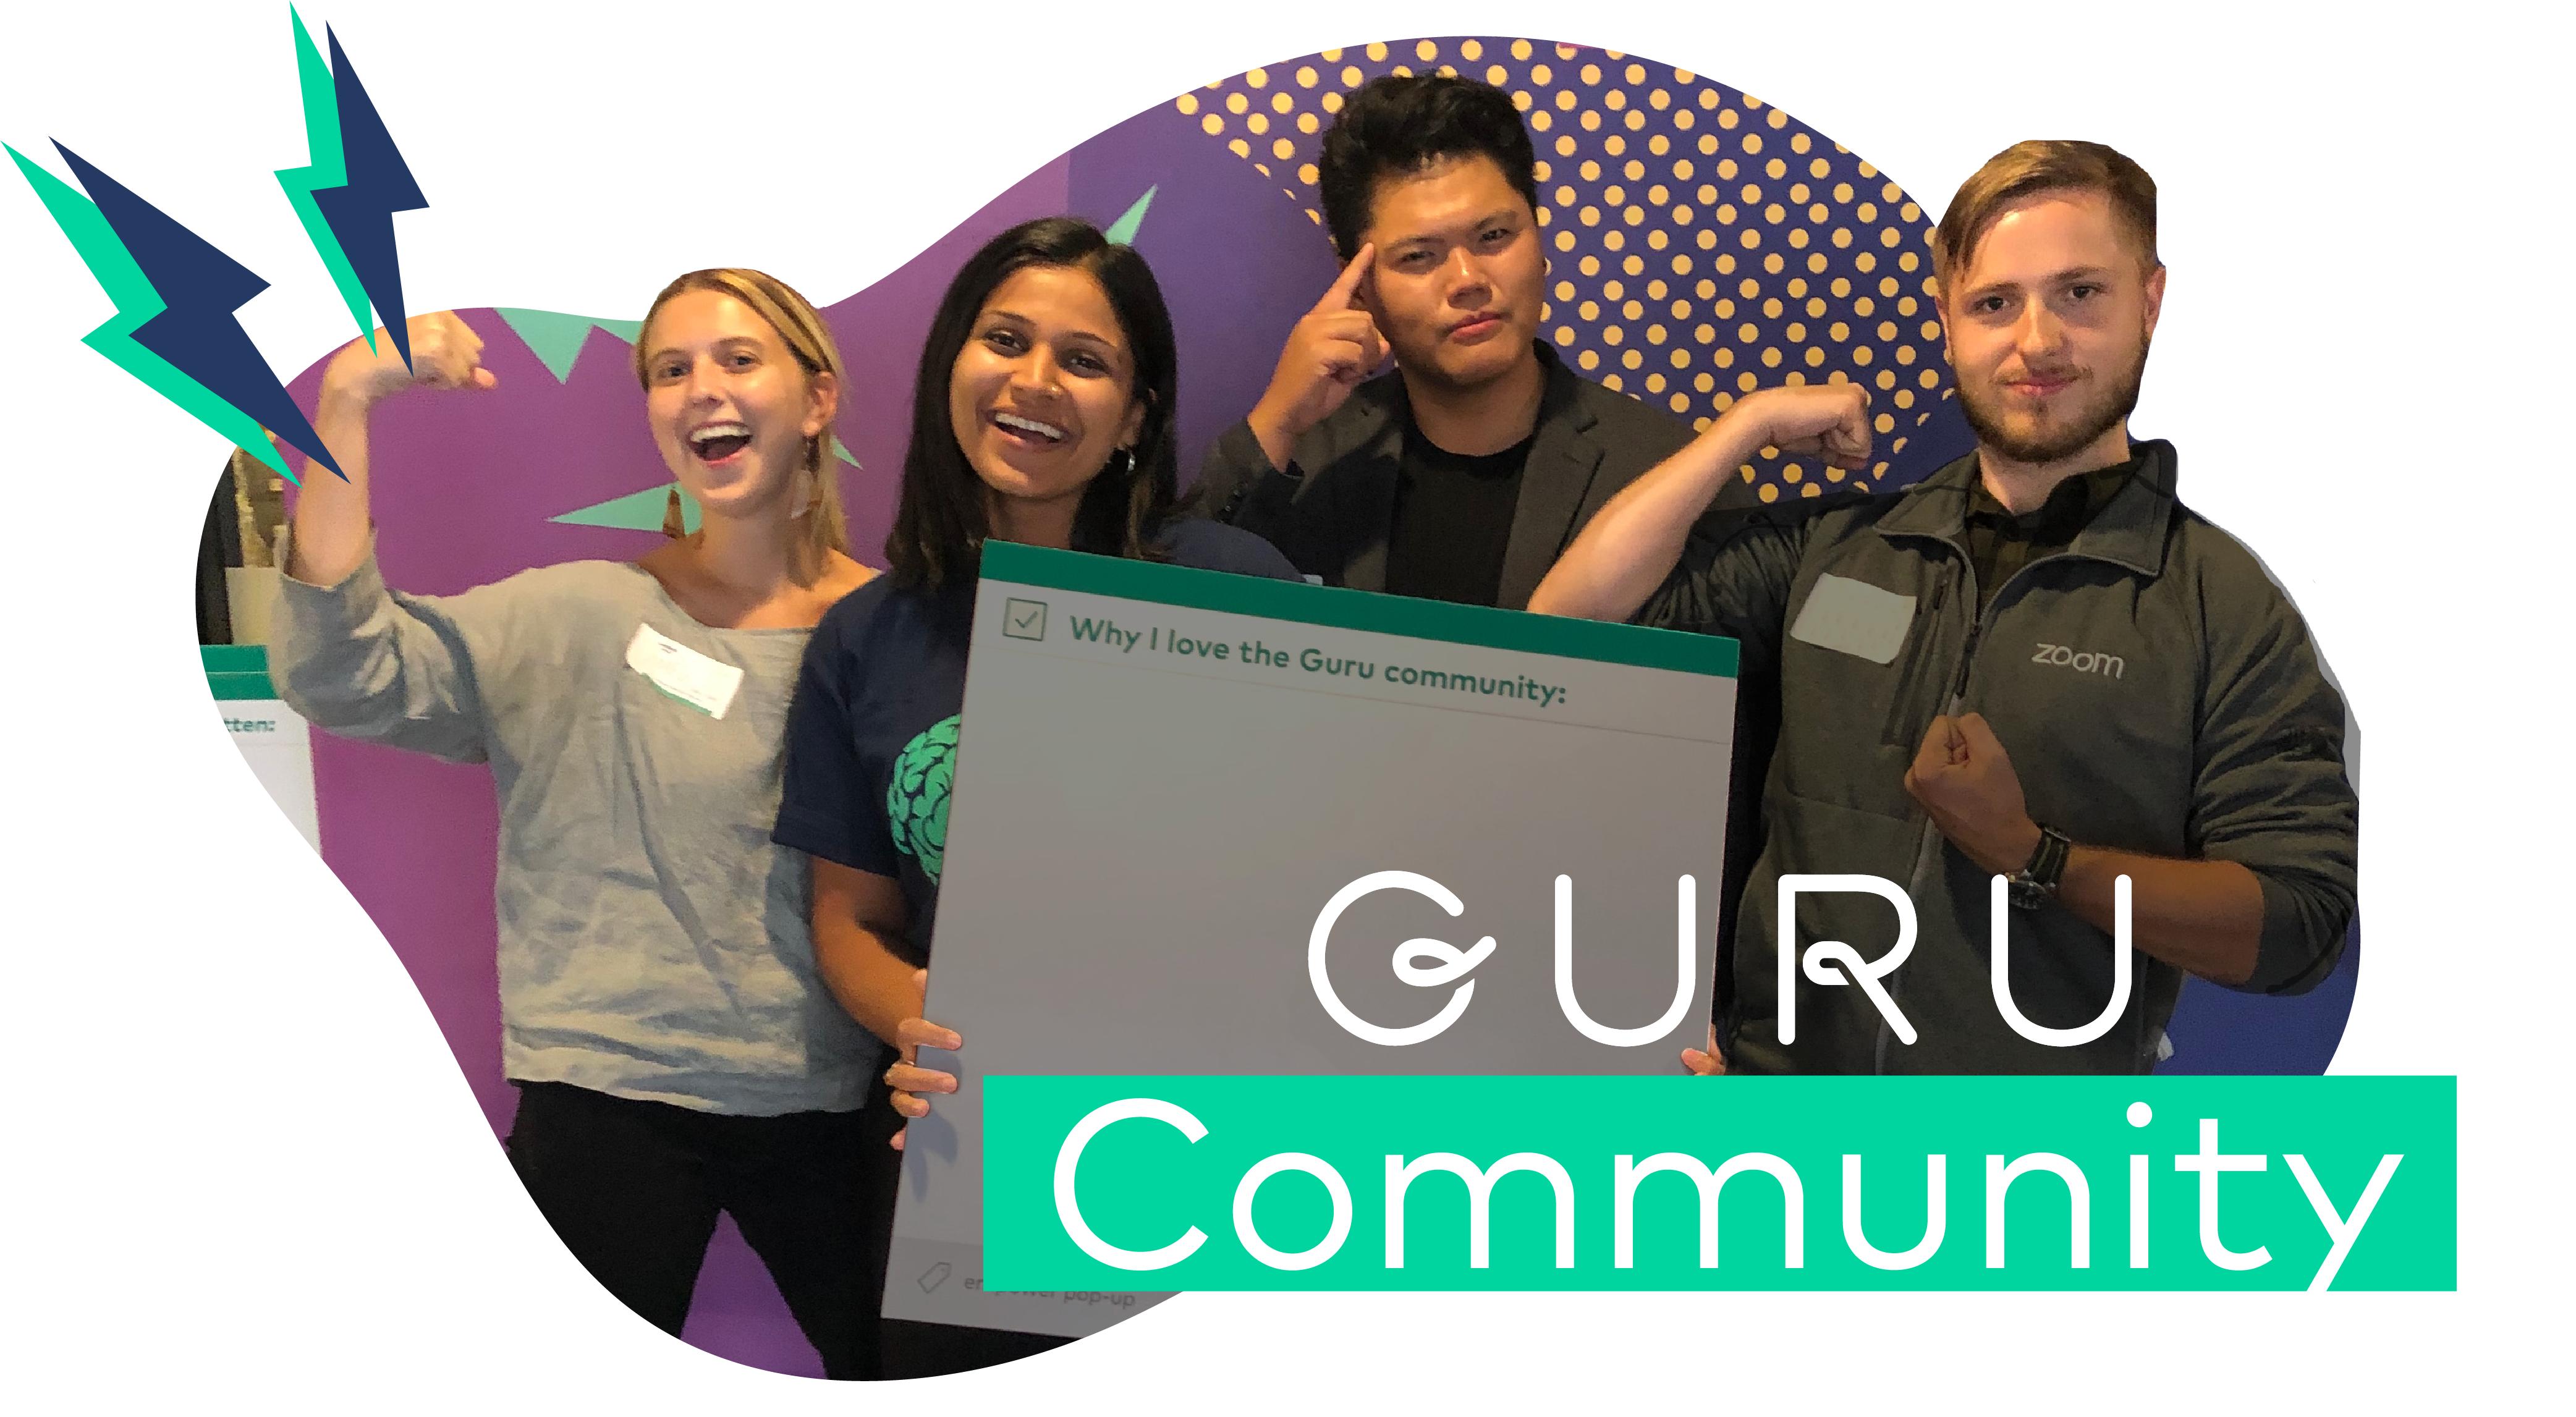 Guru Community